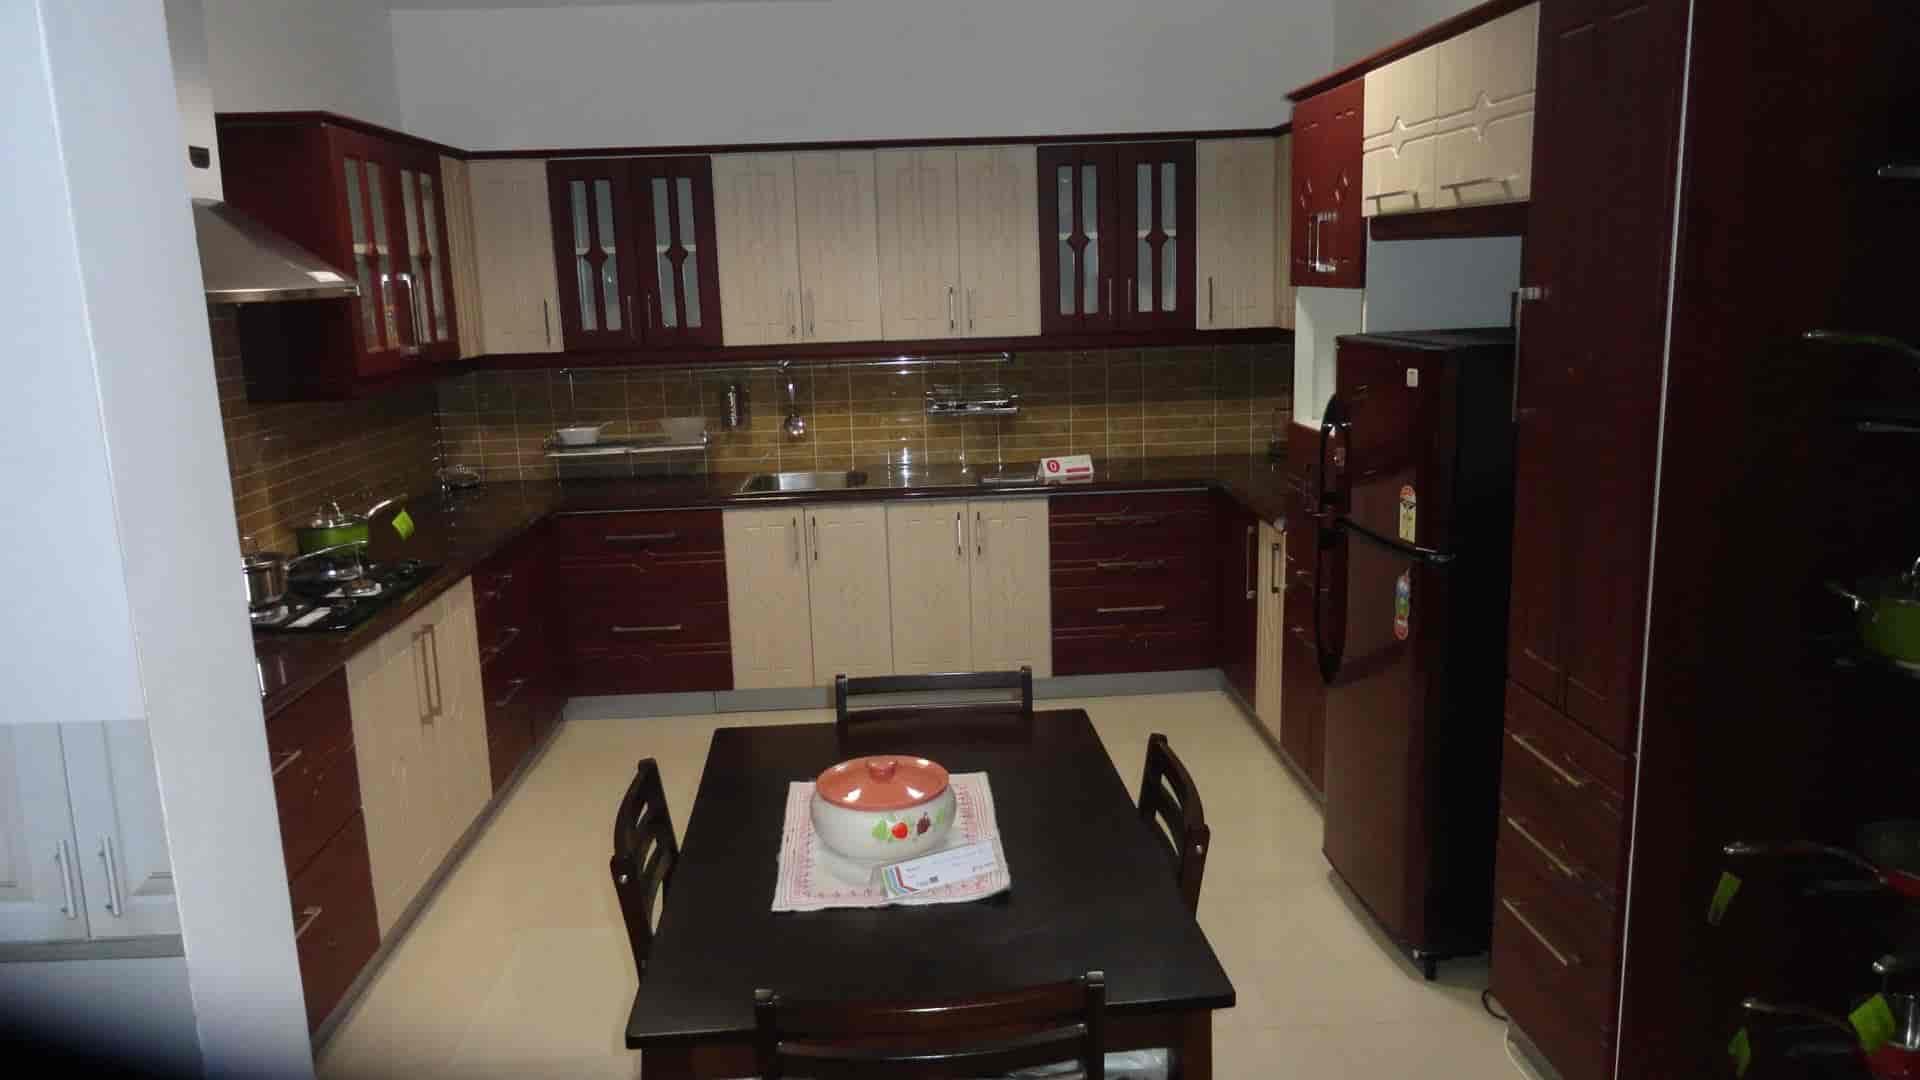 Hermosa Godrej Cocina Modular Chennai Precios Ornamento - Ideas de ...